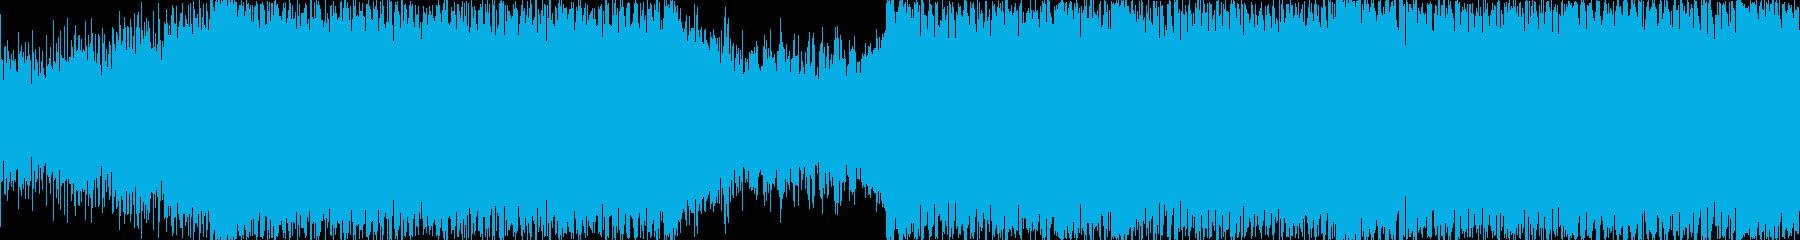 探索系の曲<short,loop仕様>…の再生済みの波形